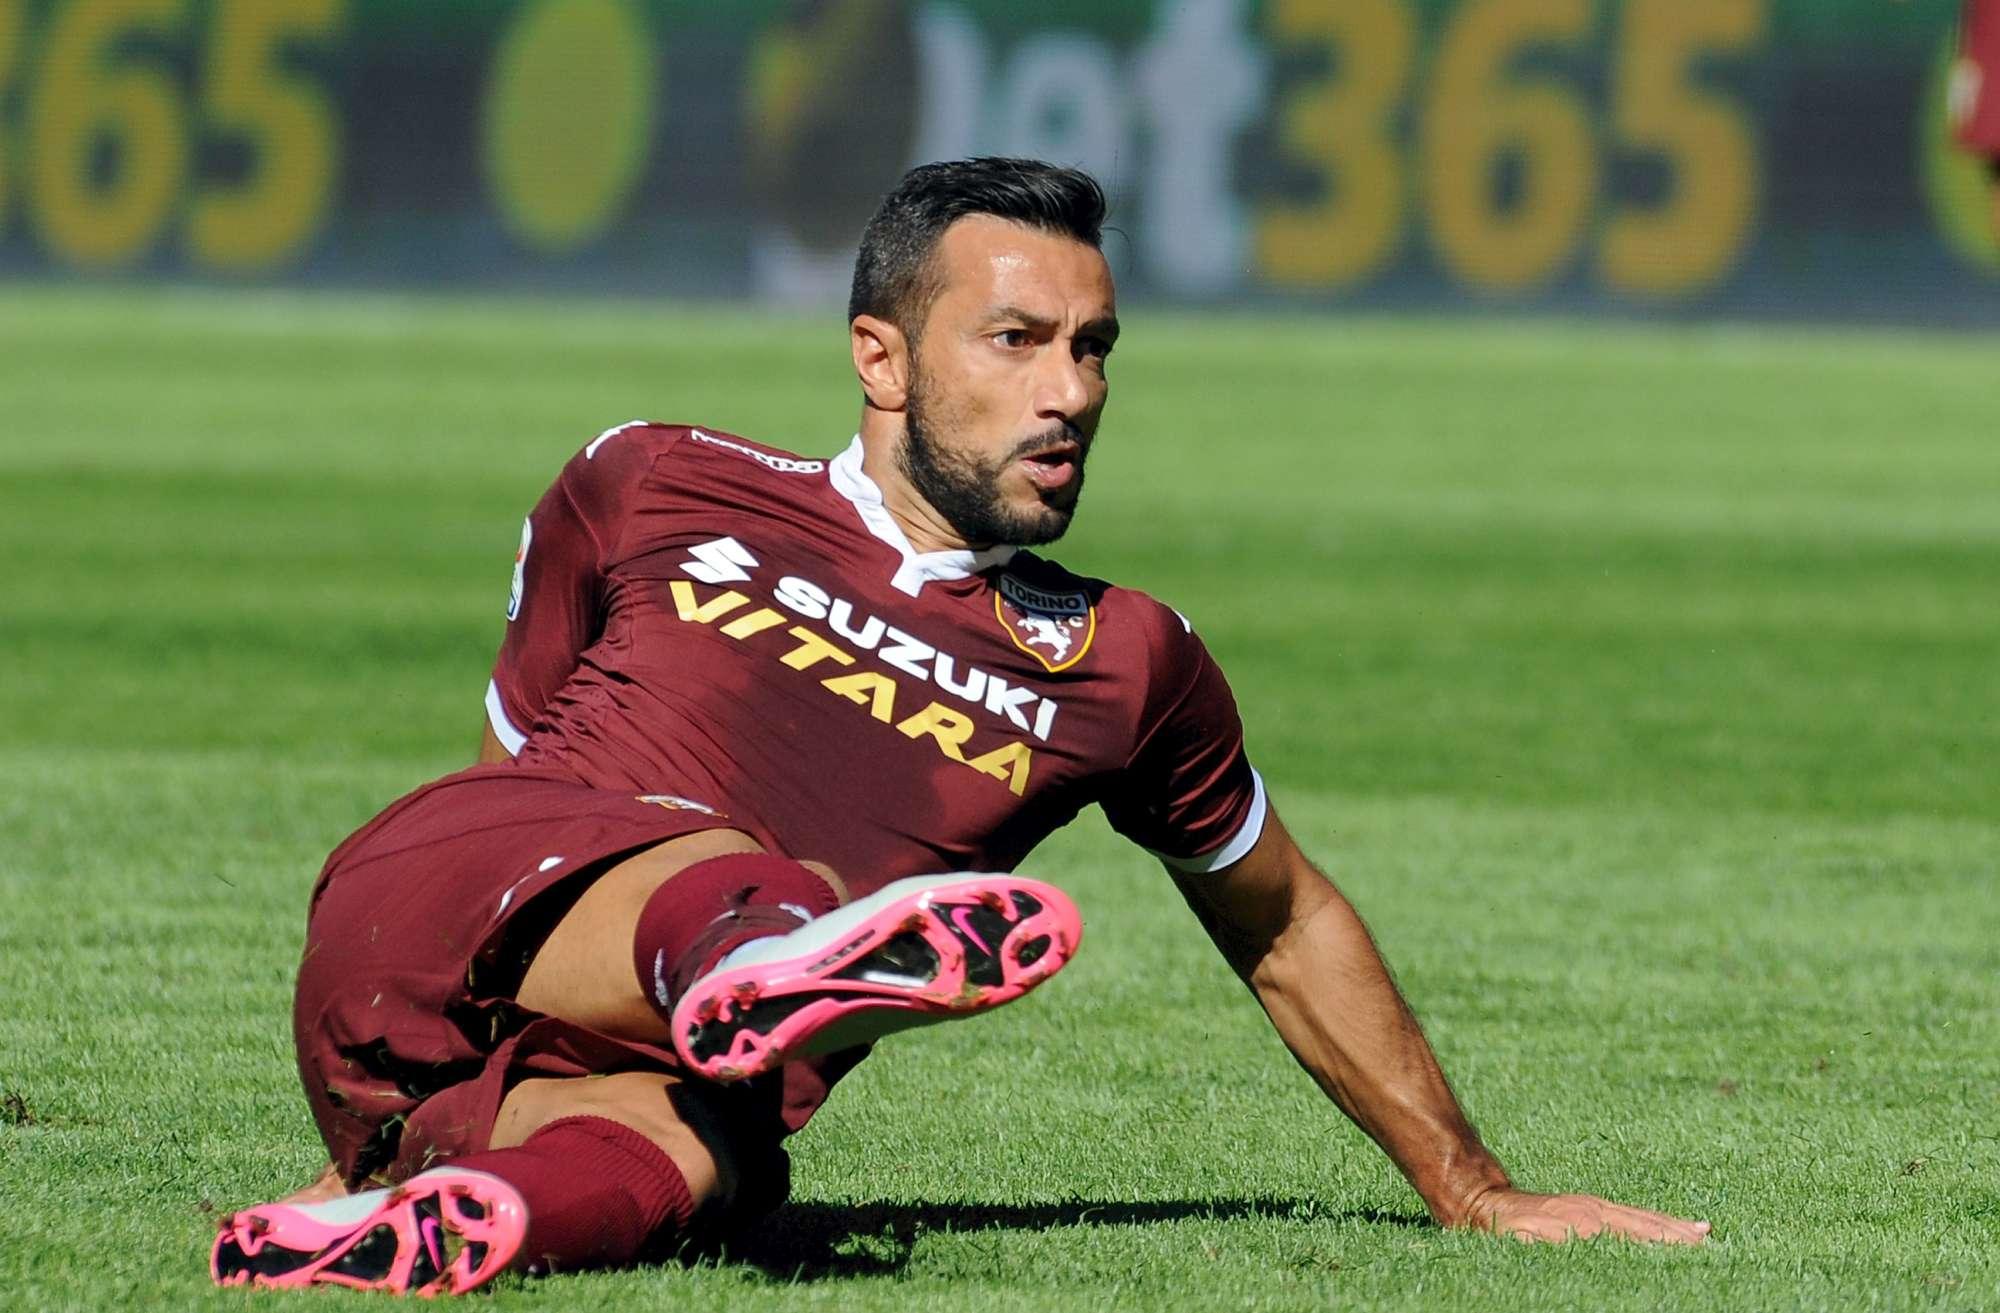 Il Torino ha bisogno dei gol di Fabio Quagliarella